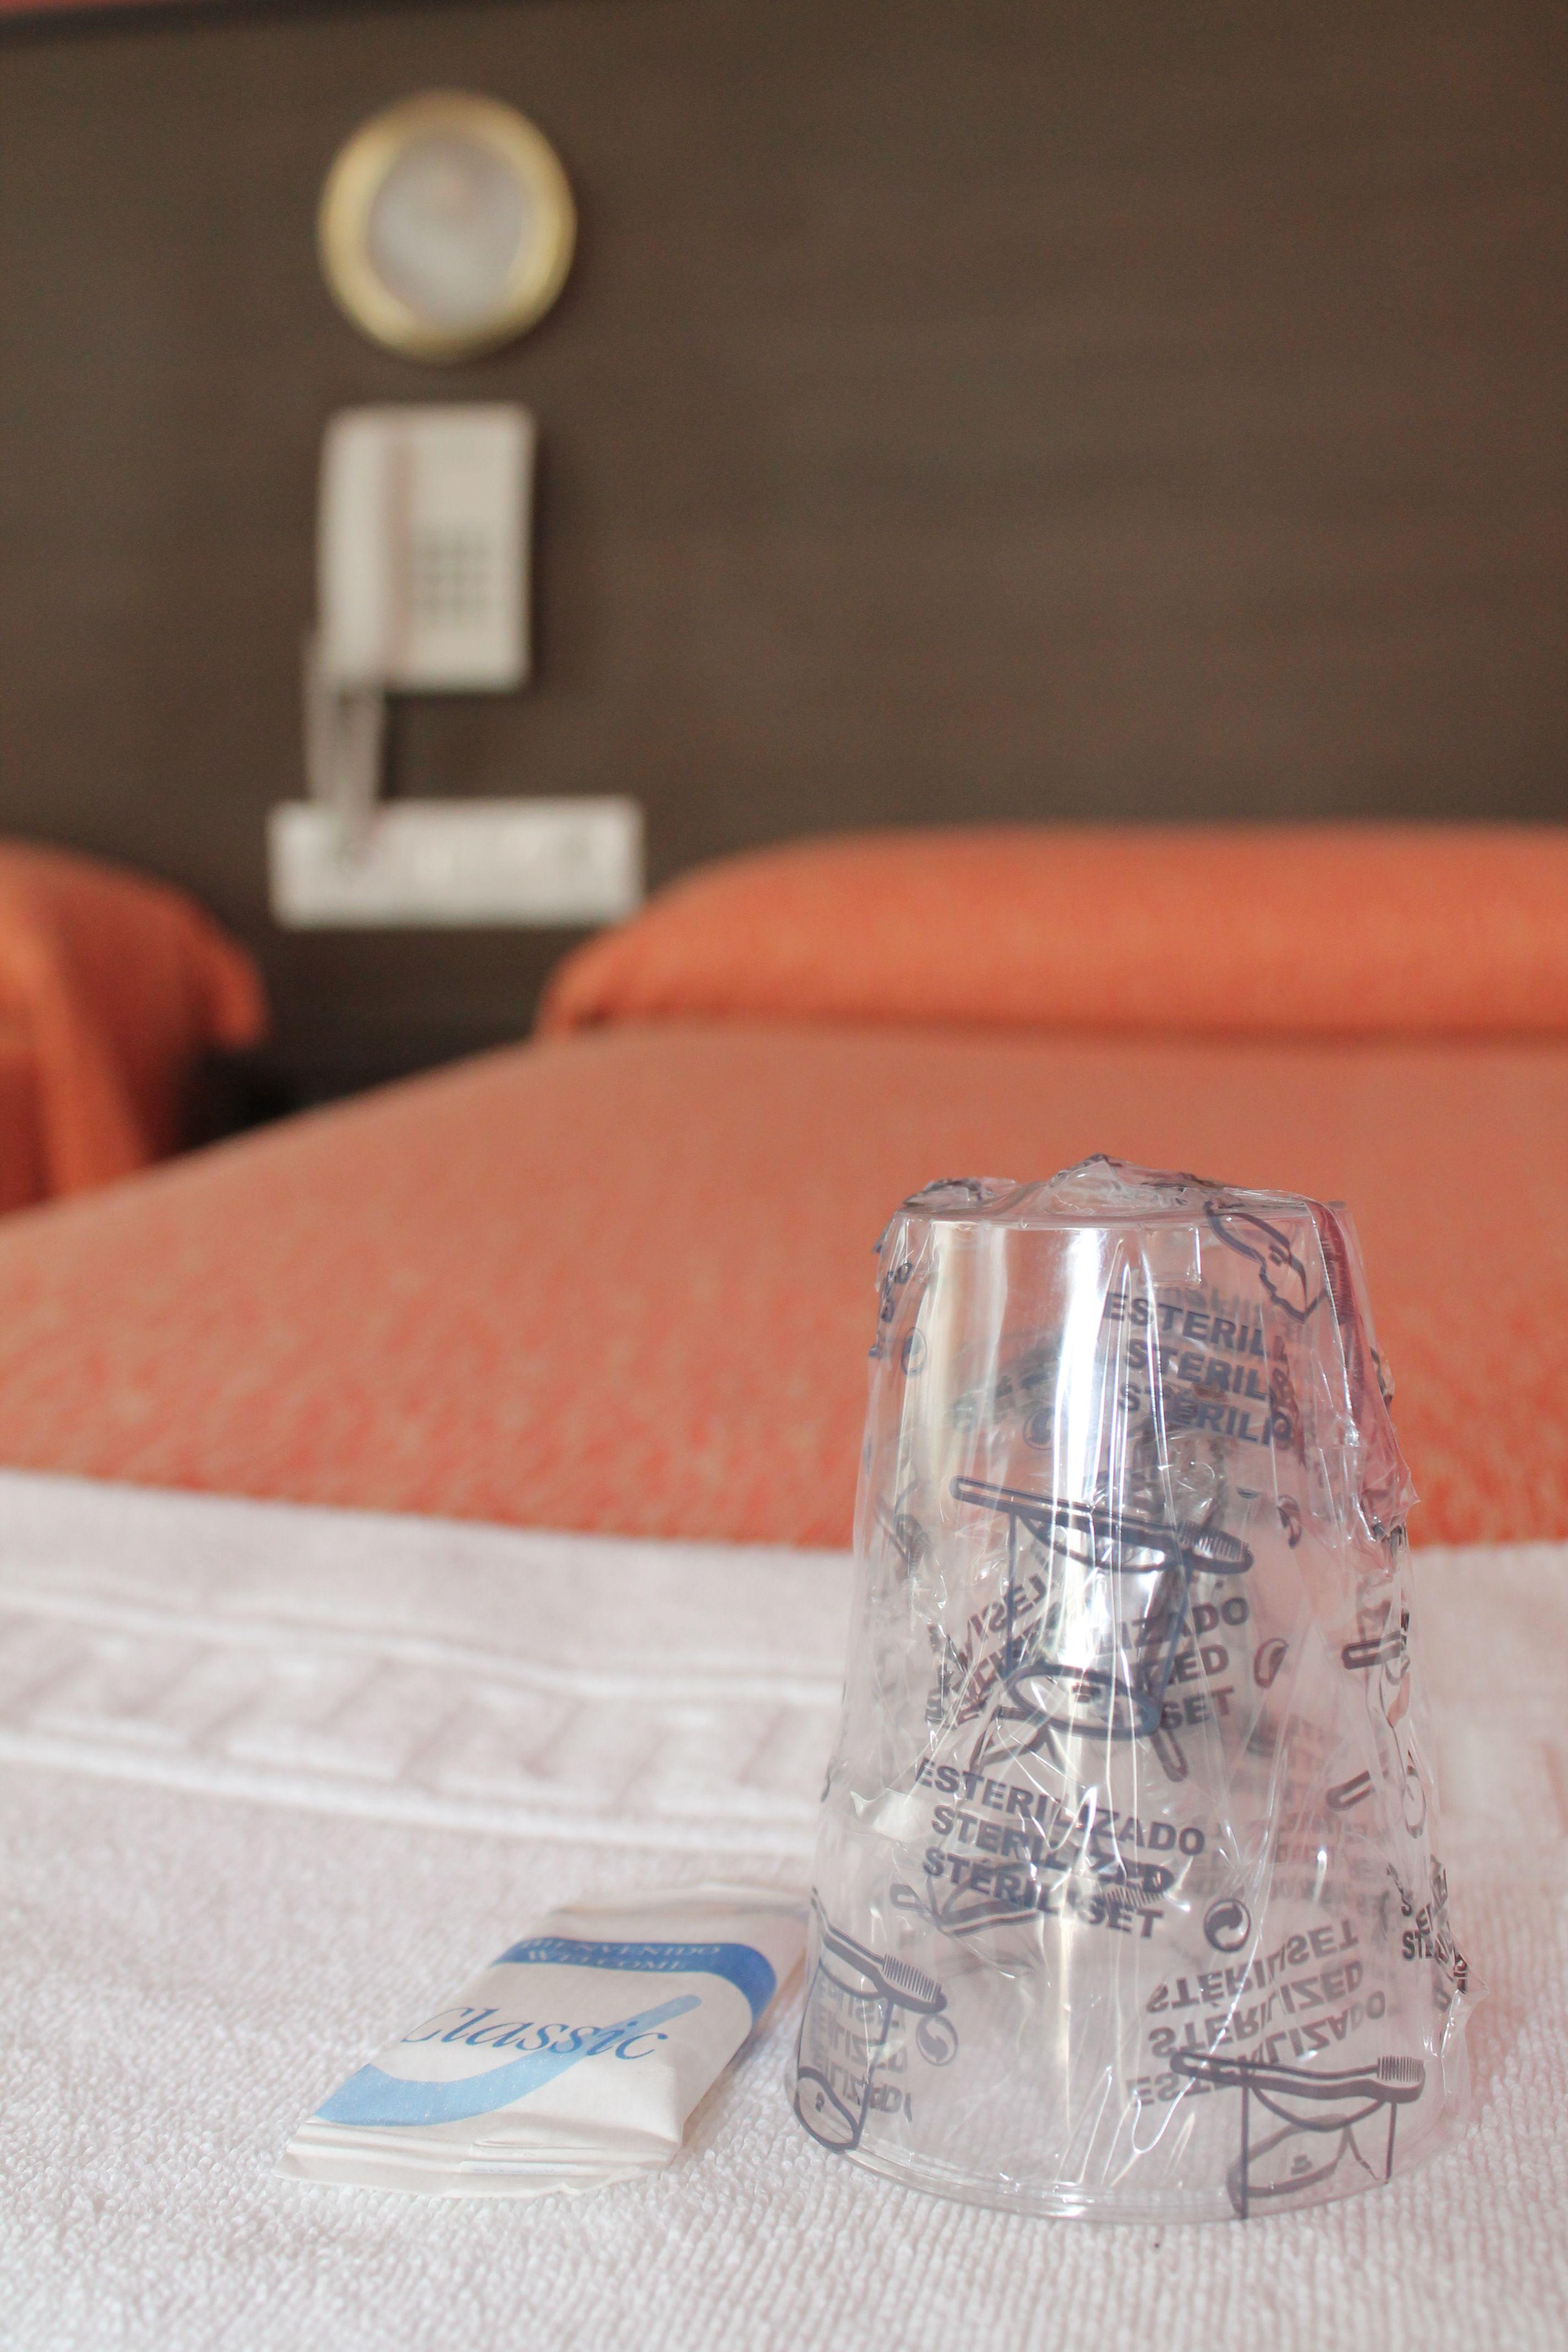 Detalle de las habitaciones cuádruples del albergue.